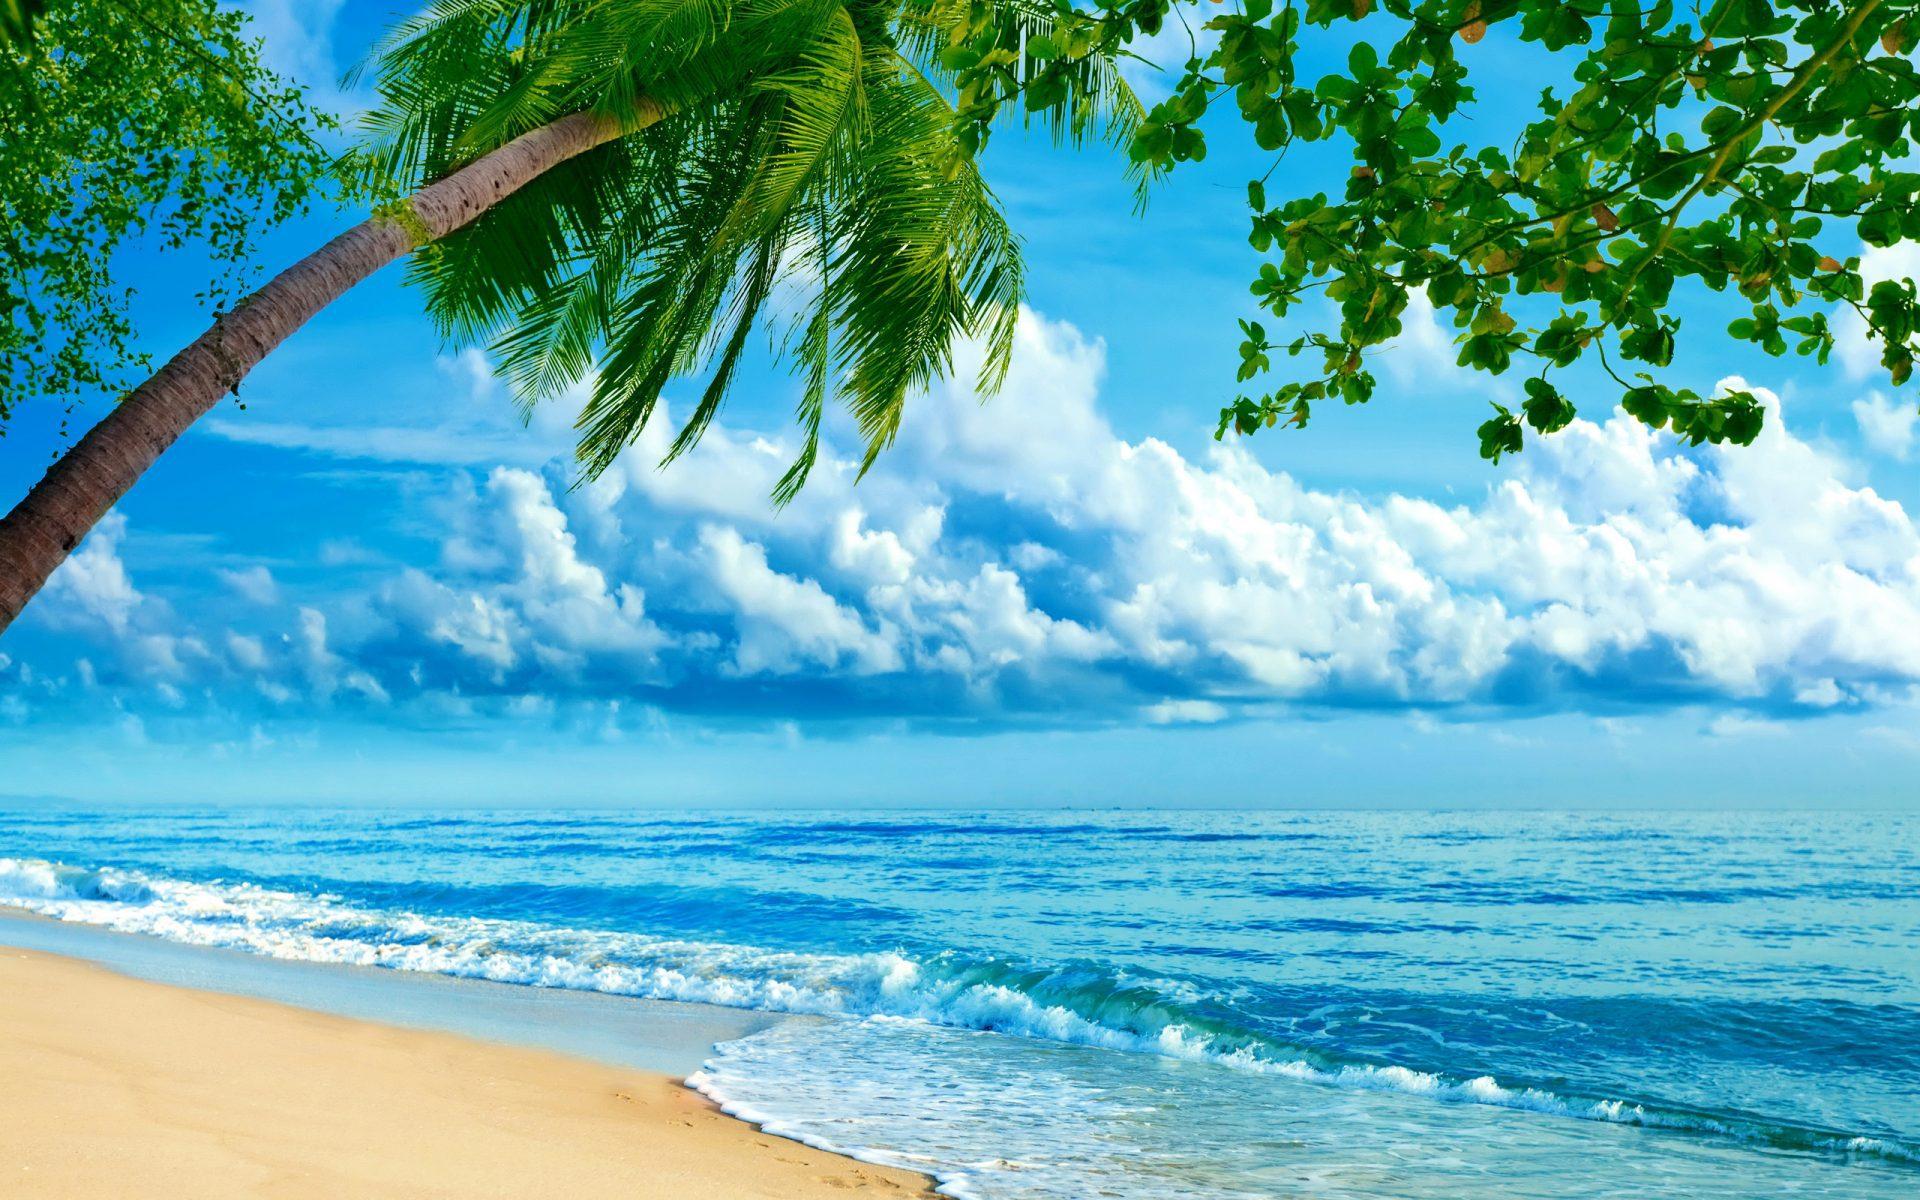 Море цветов фото картинки